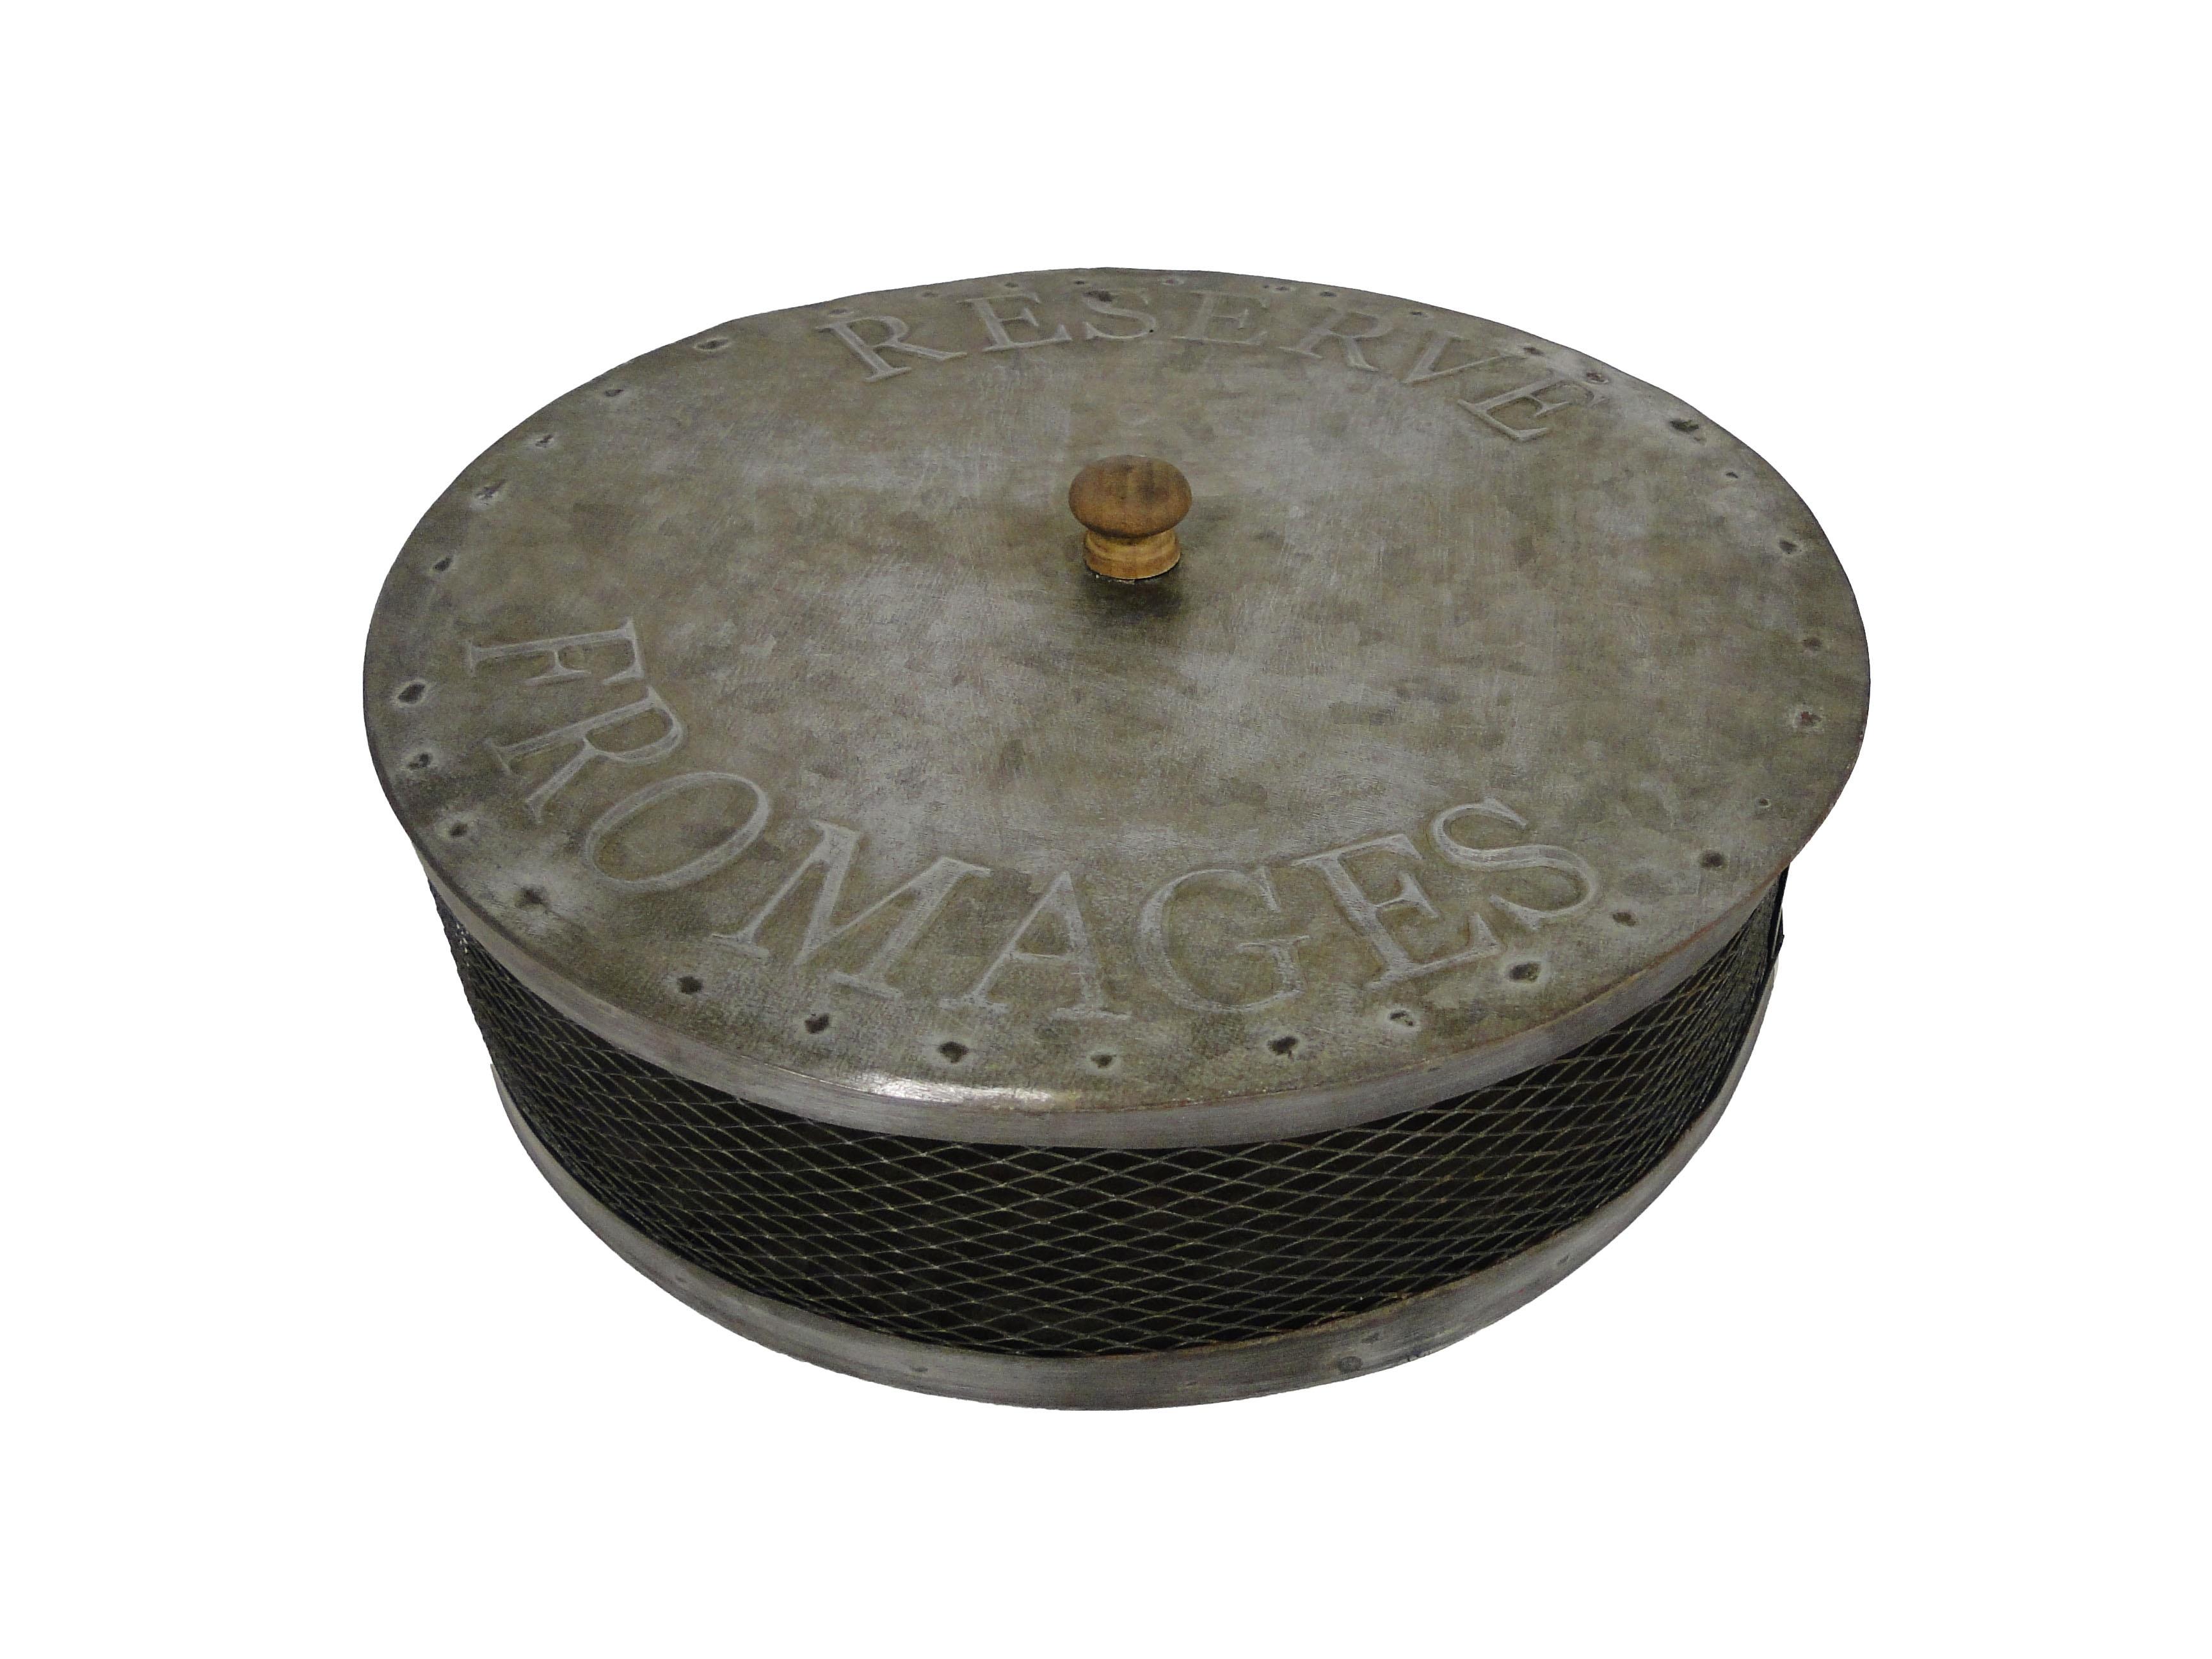 Контейнер для сыраАксессуары для кухни<br>Материал: Листовой оцинкованный металл<br><br>Material: Металл<br>Length см: None<br>Width см: None<br>Depth см: None<br>Height см: 9.9<br>Diameter см: 34.1